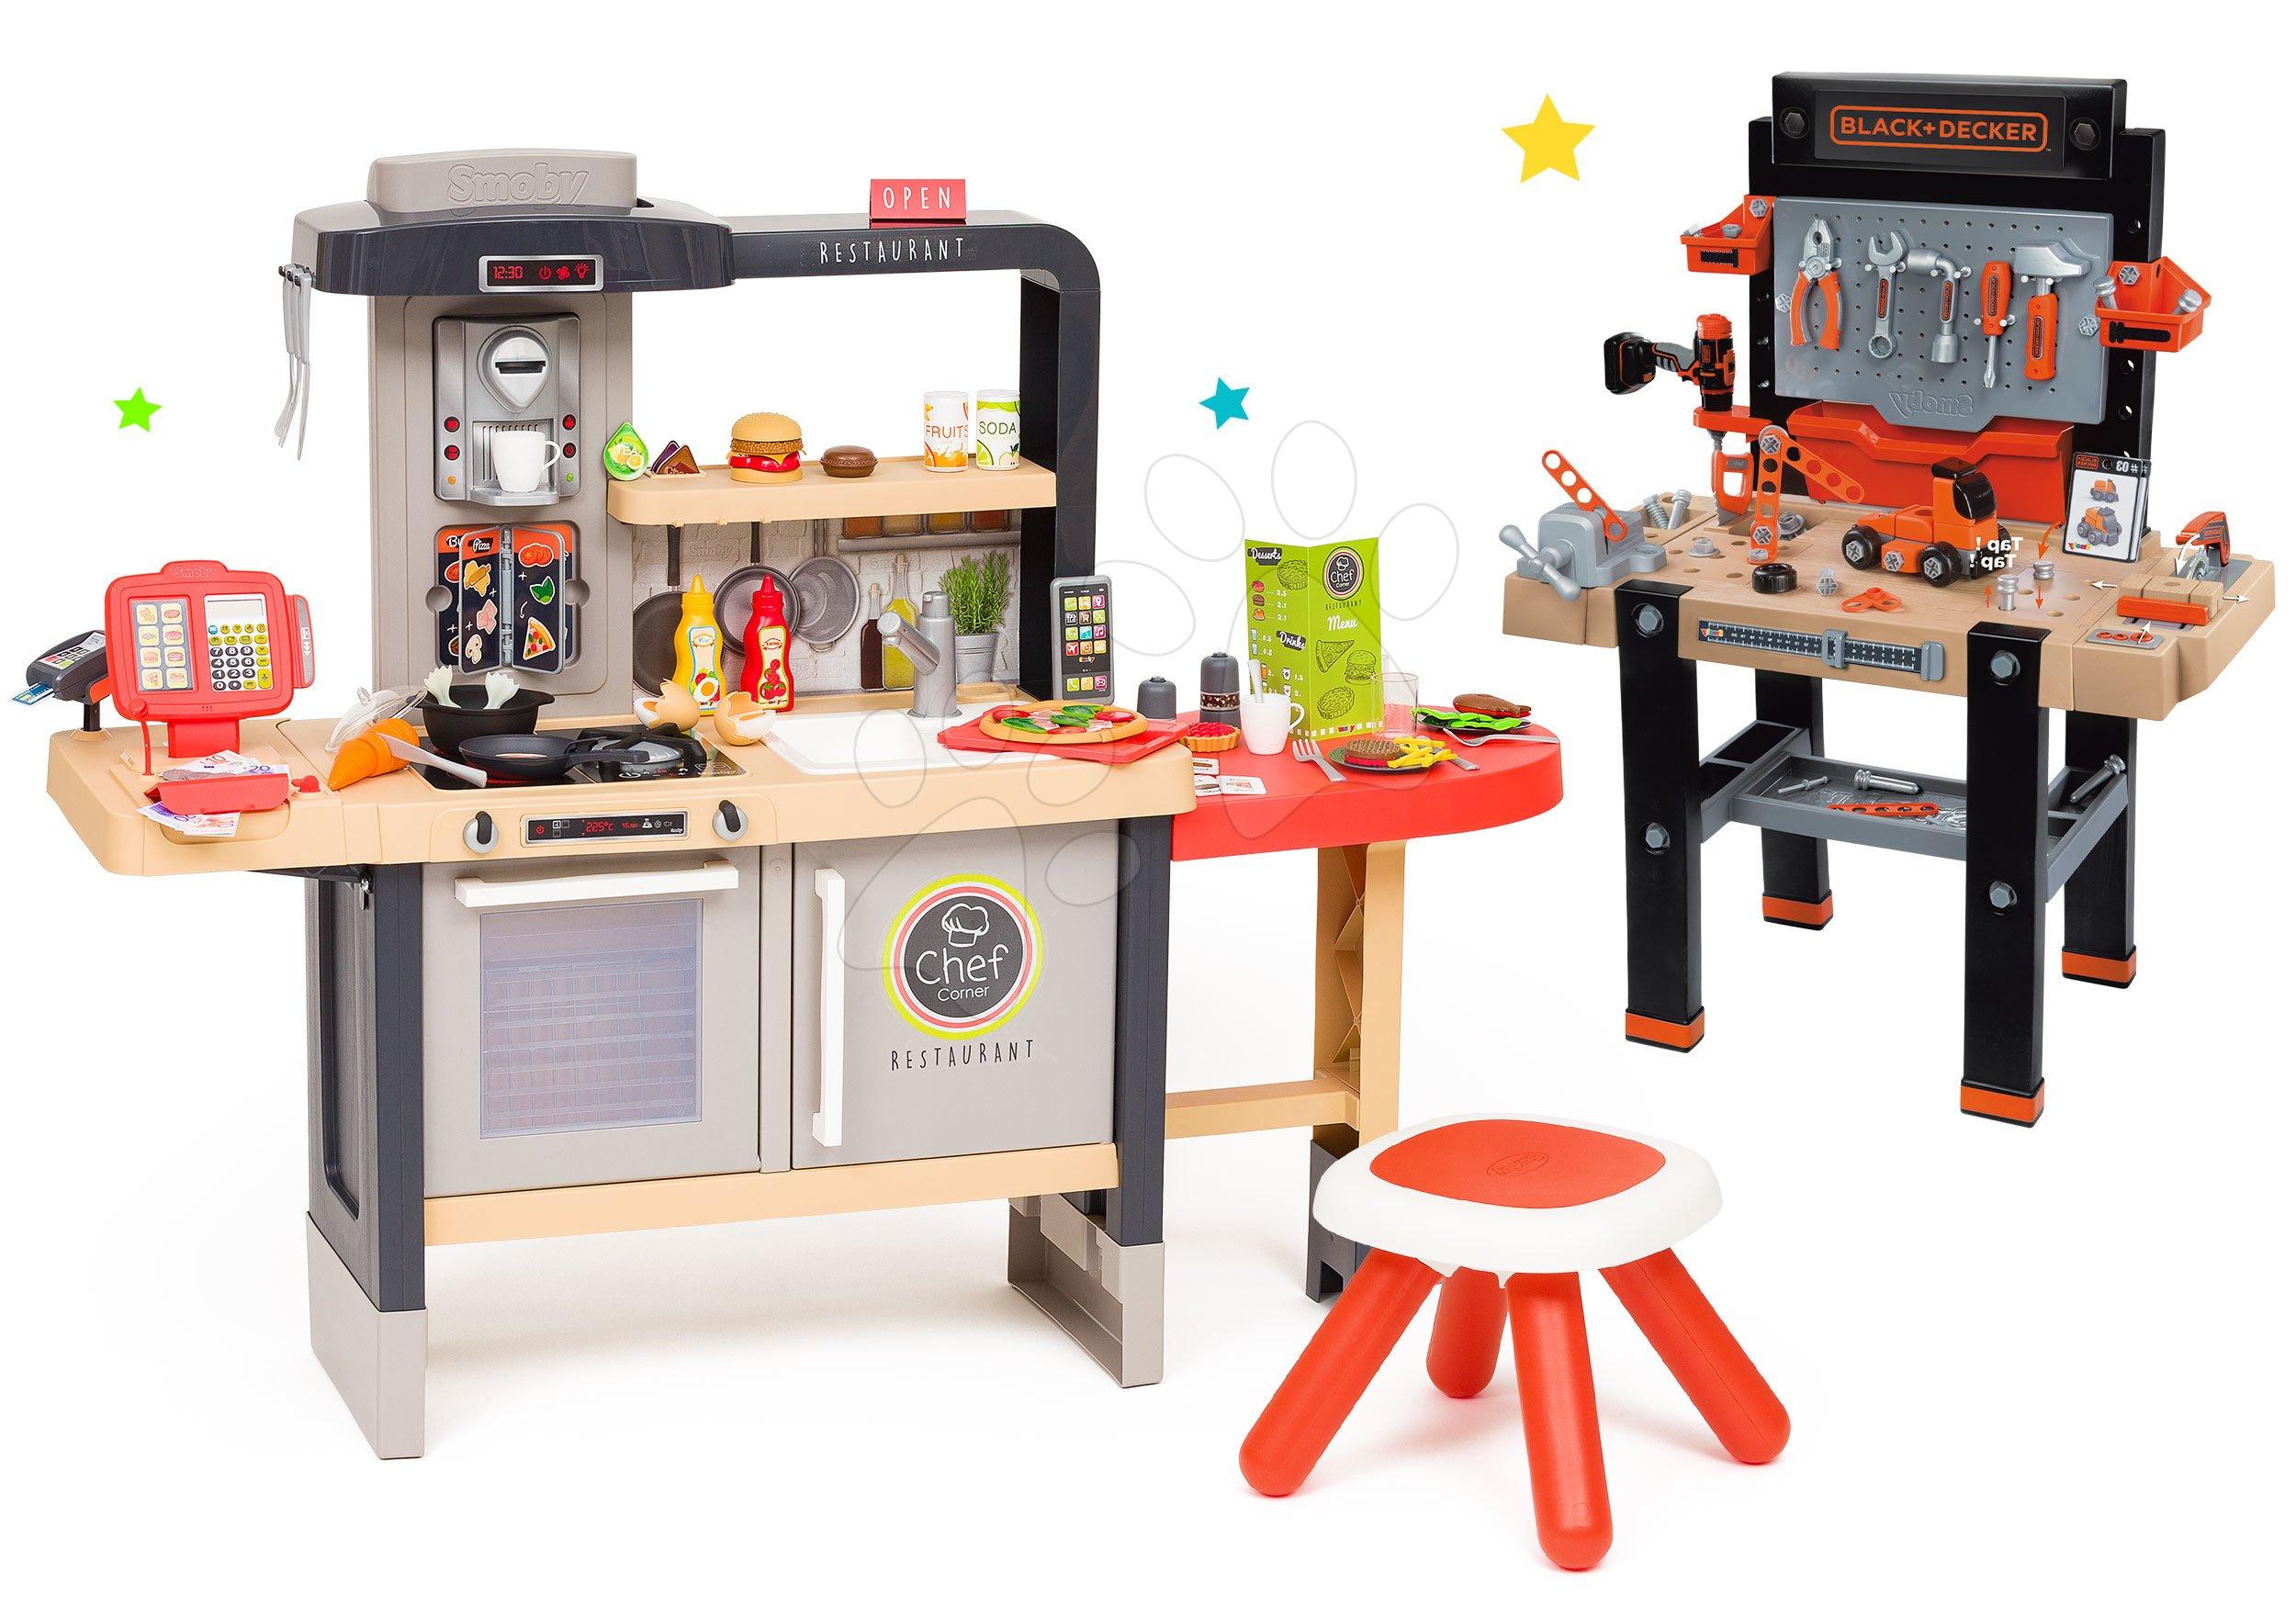 Set reštaurácia s elektronickou kuchynkou Chef Corner Restaurant Smoby s pracovnou dielňou Black&Decker s 95 doplnkami a autíčkom